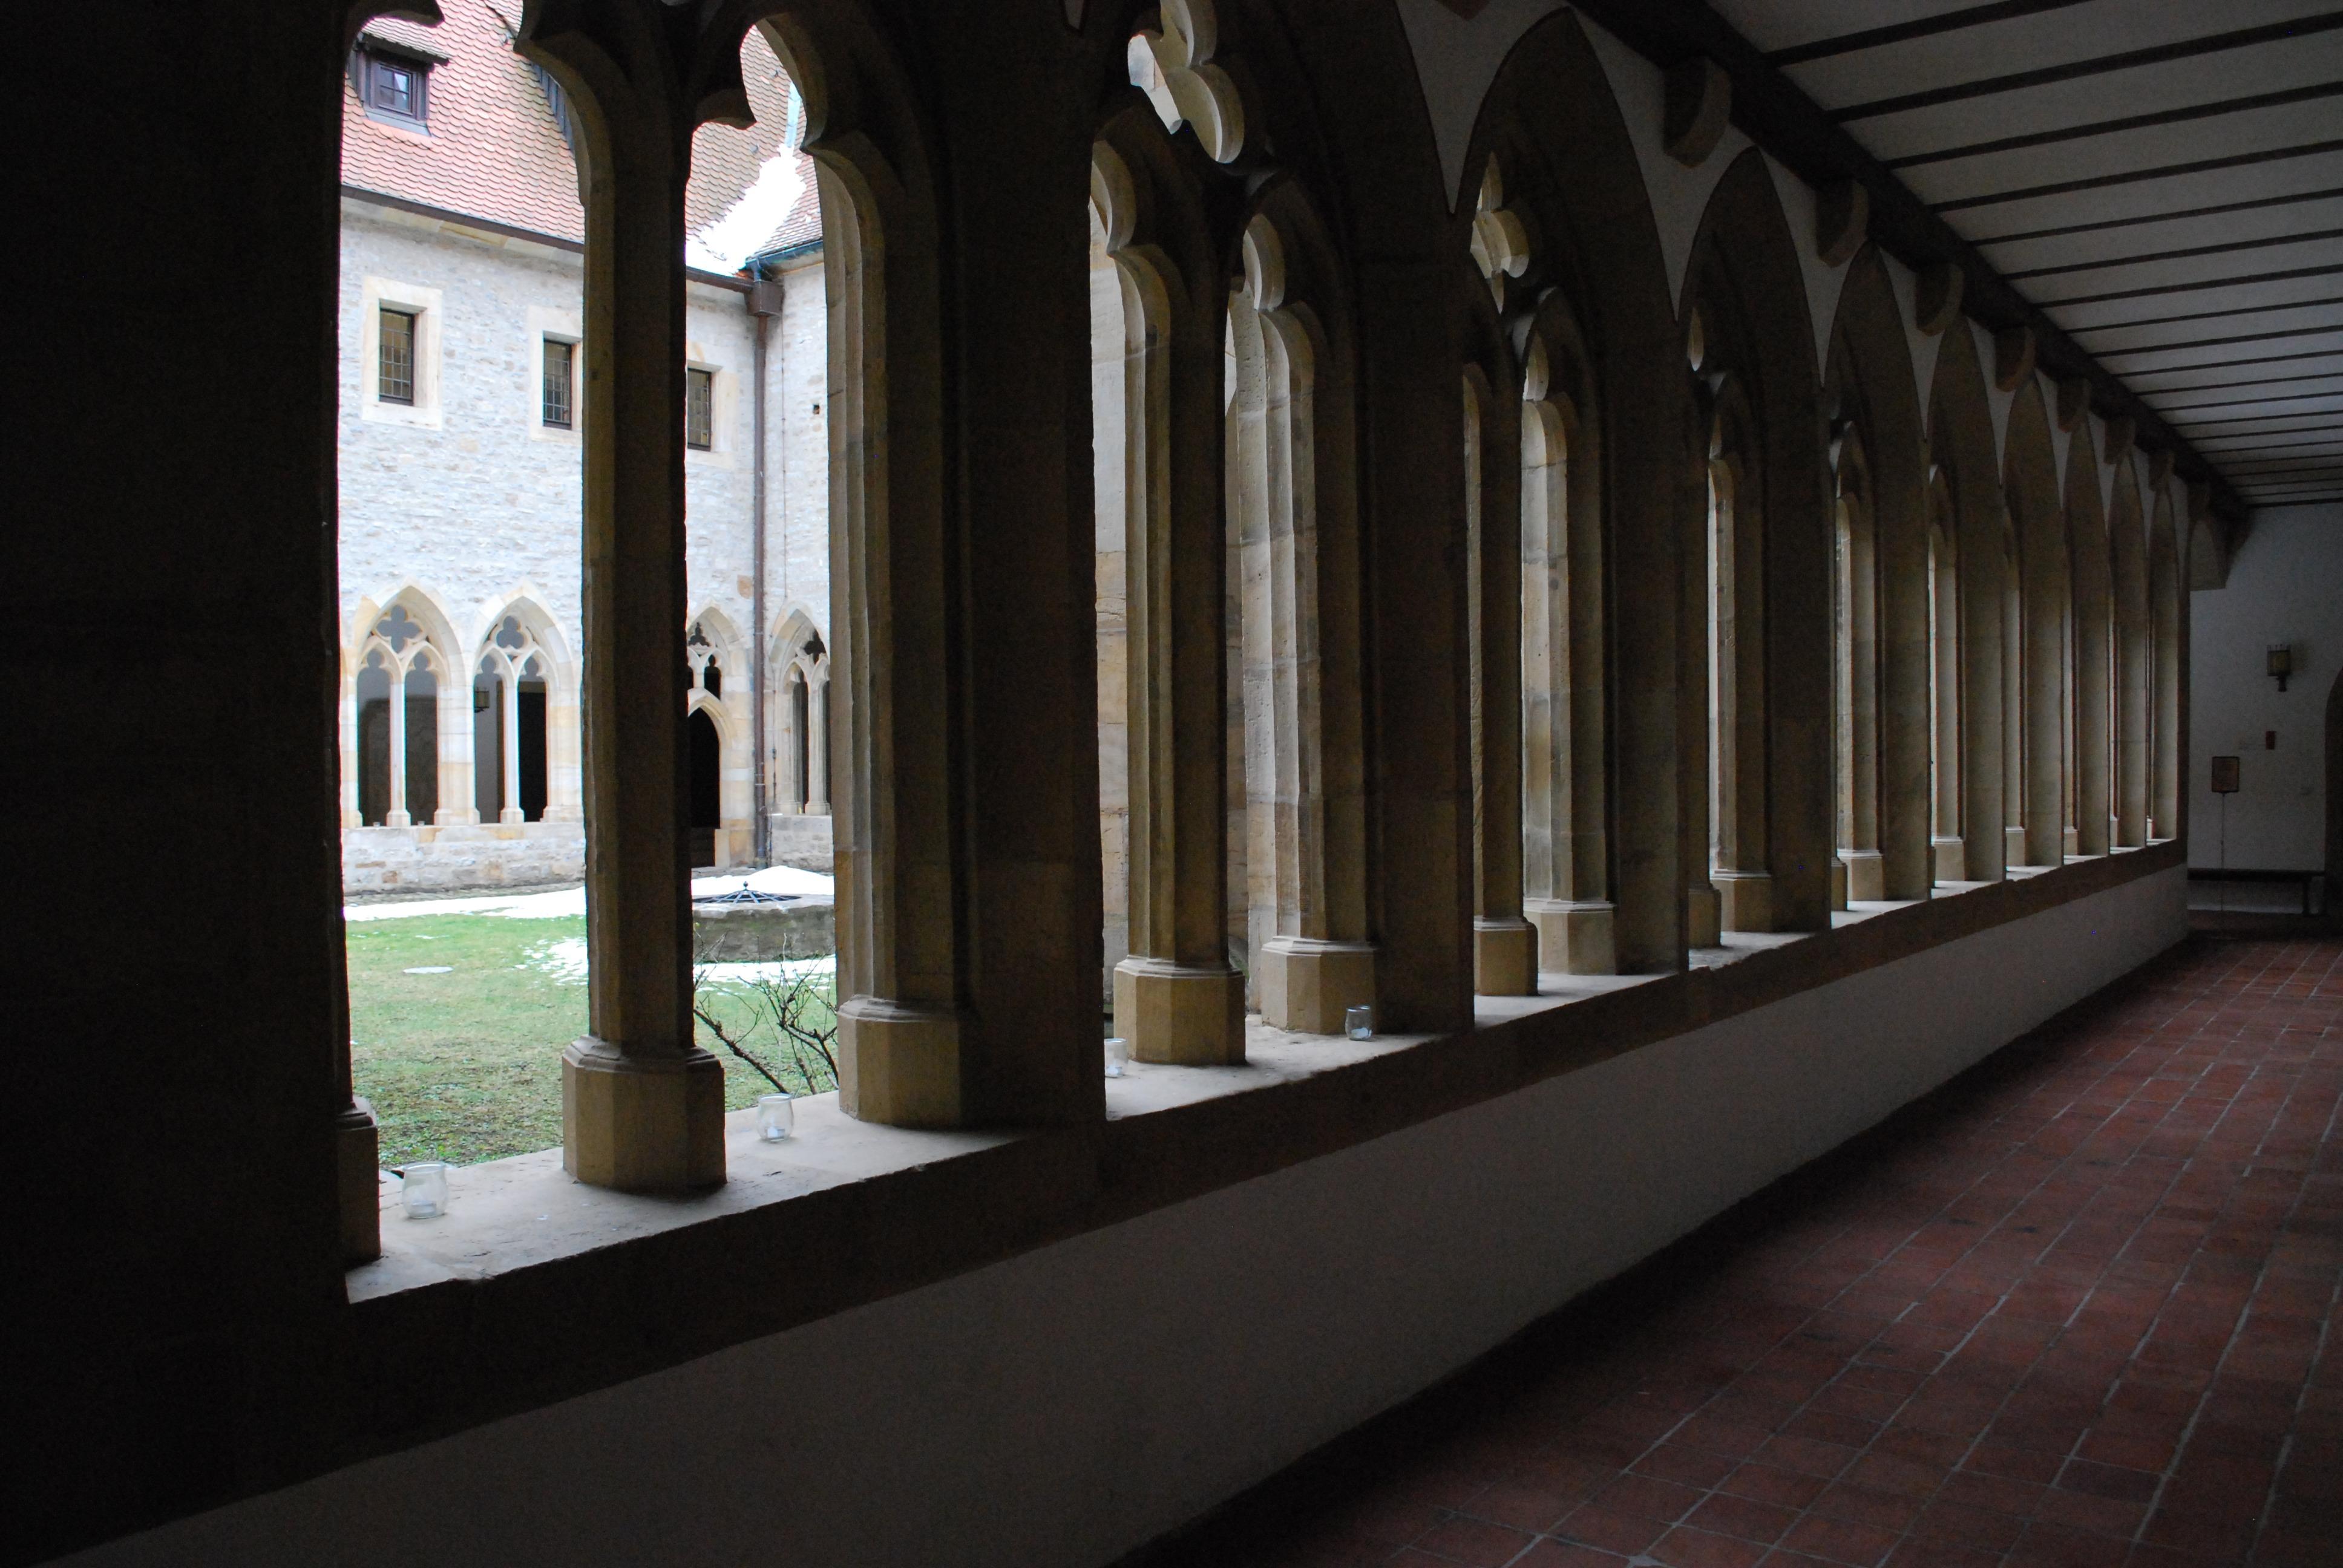 Innenarchitektur Erfurt kostenlose foto die architektur gebäude halle kirche